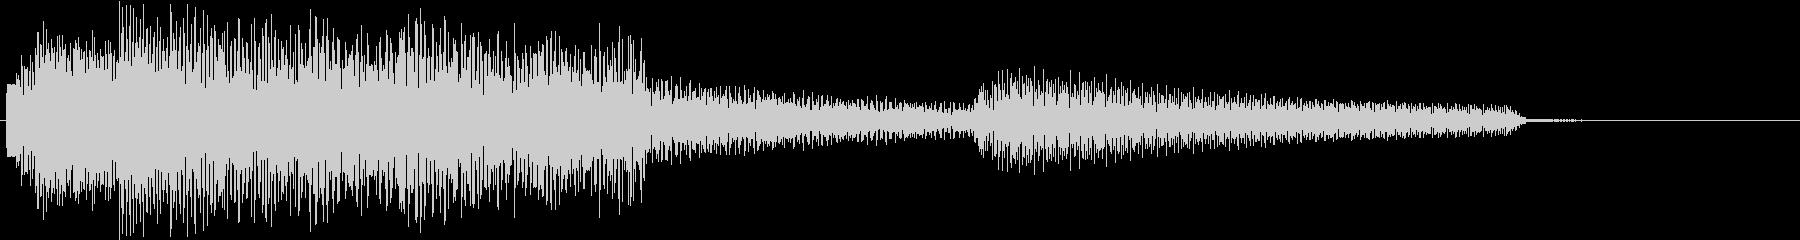 ジャジーでお洒落なエレピのジングルの未再生の波形